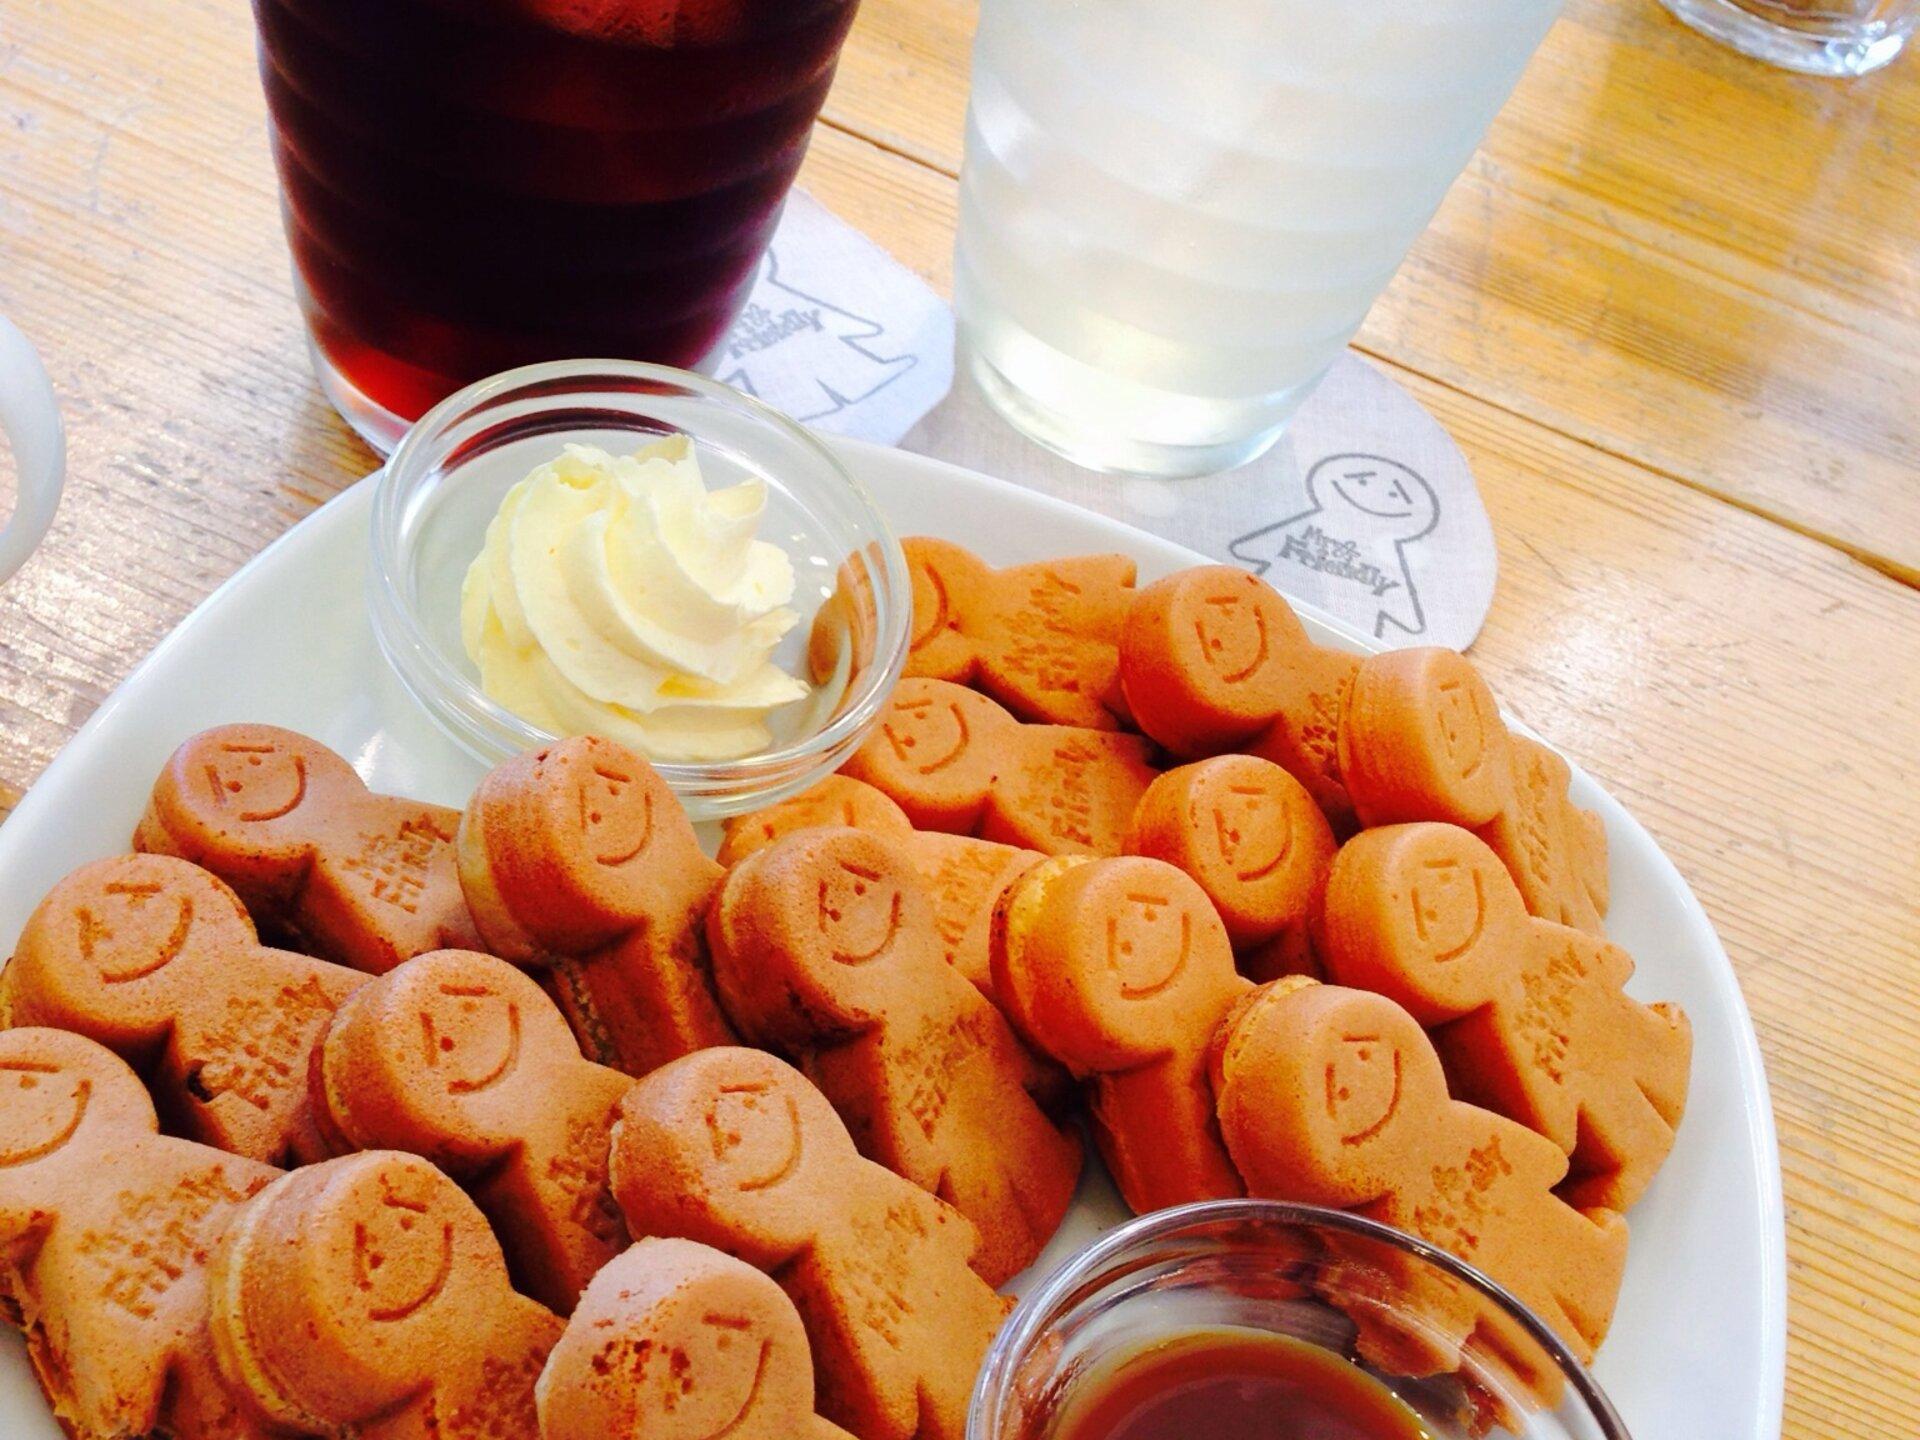 恵比寿駅西口のカフェミスターフレンドリーと代官山アイビープレイスでまったり仲良しデートコース!